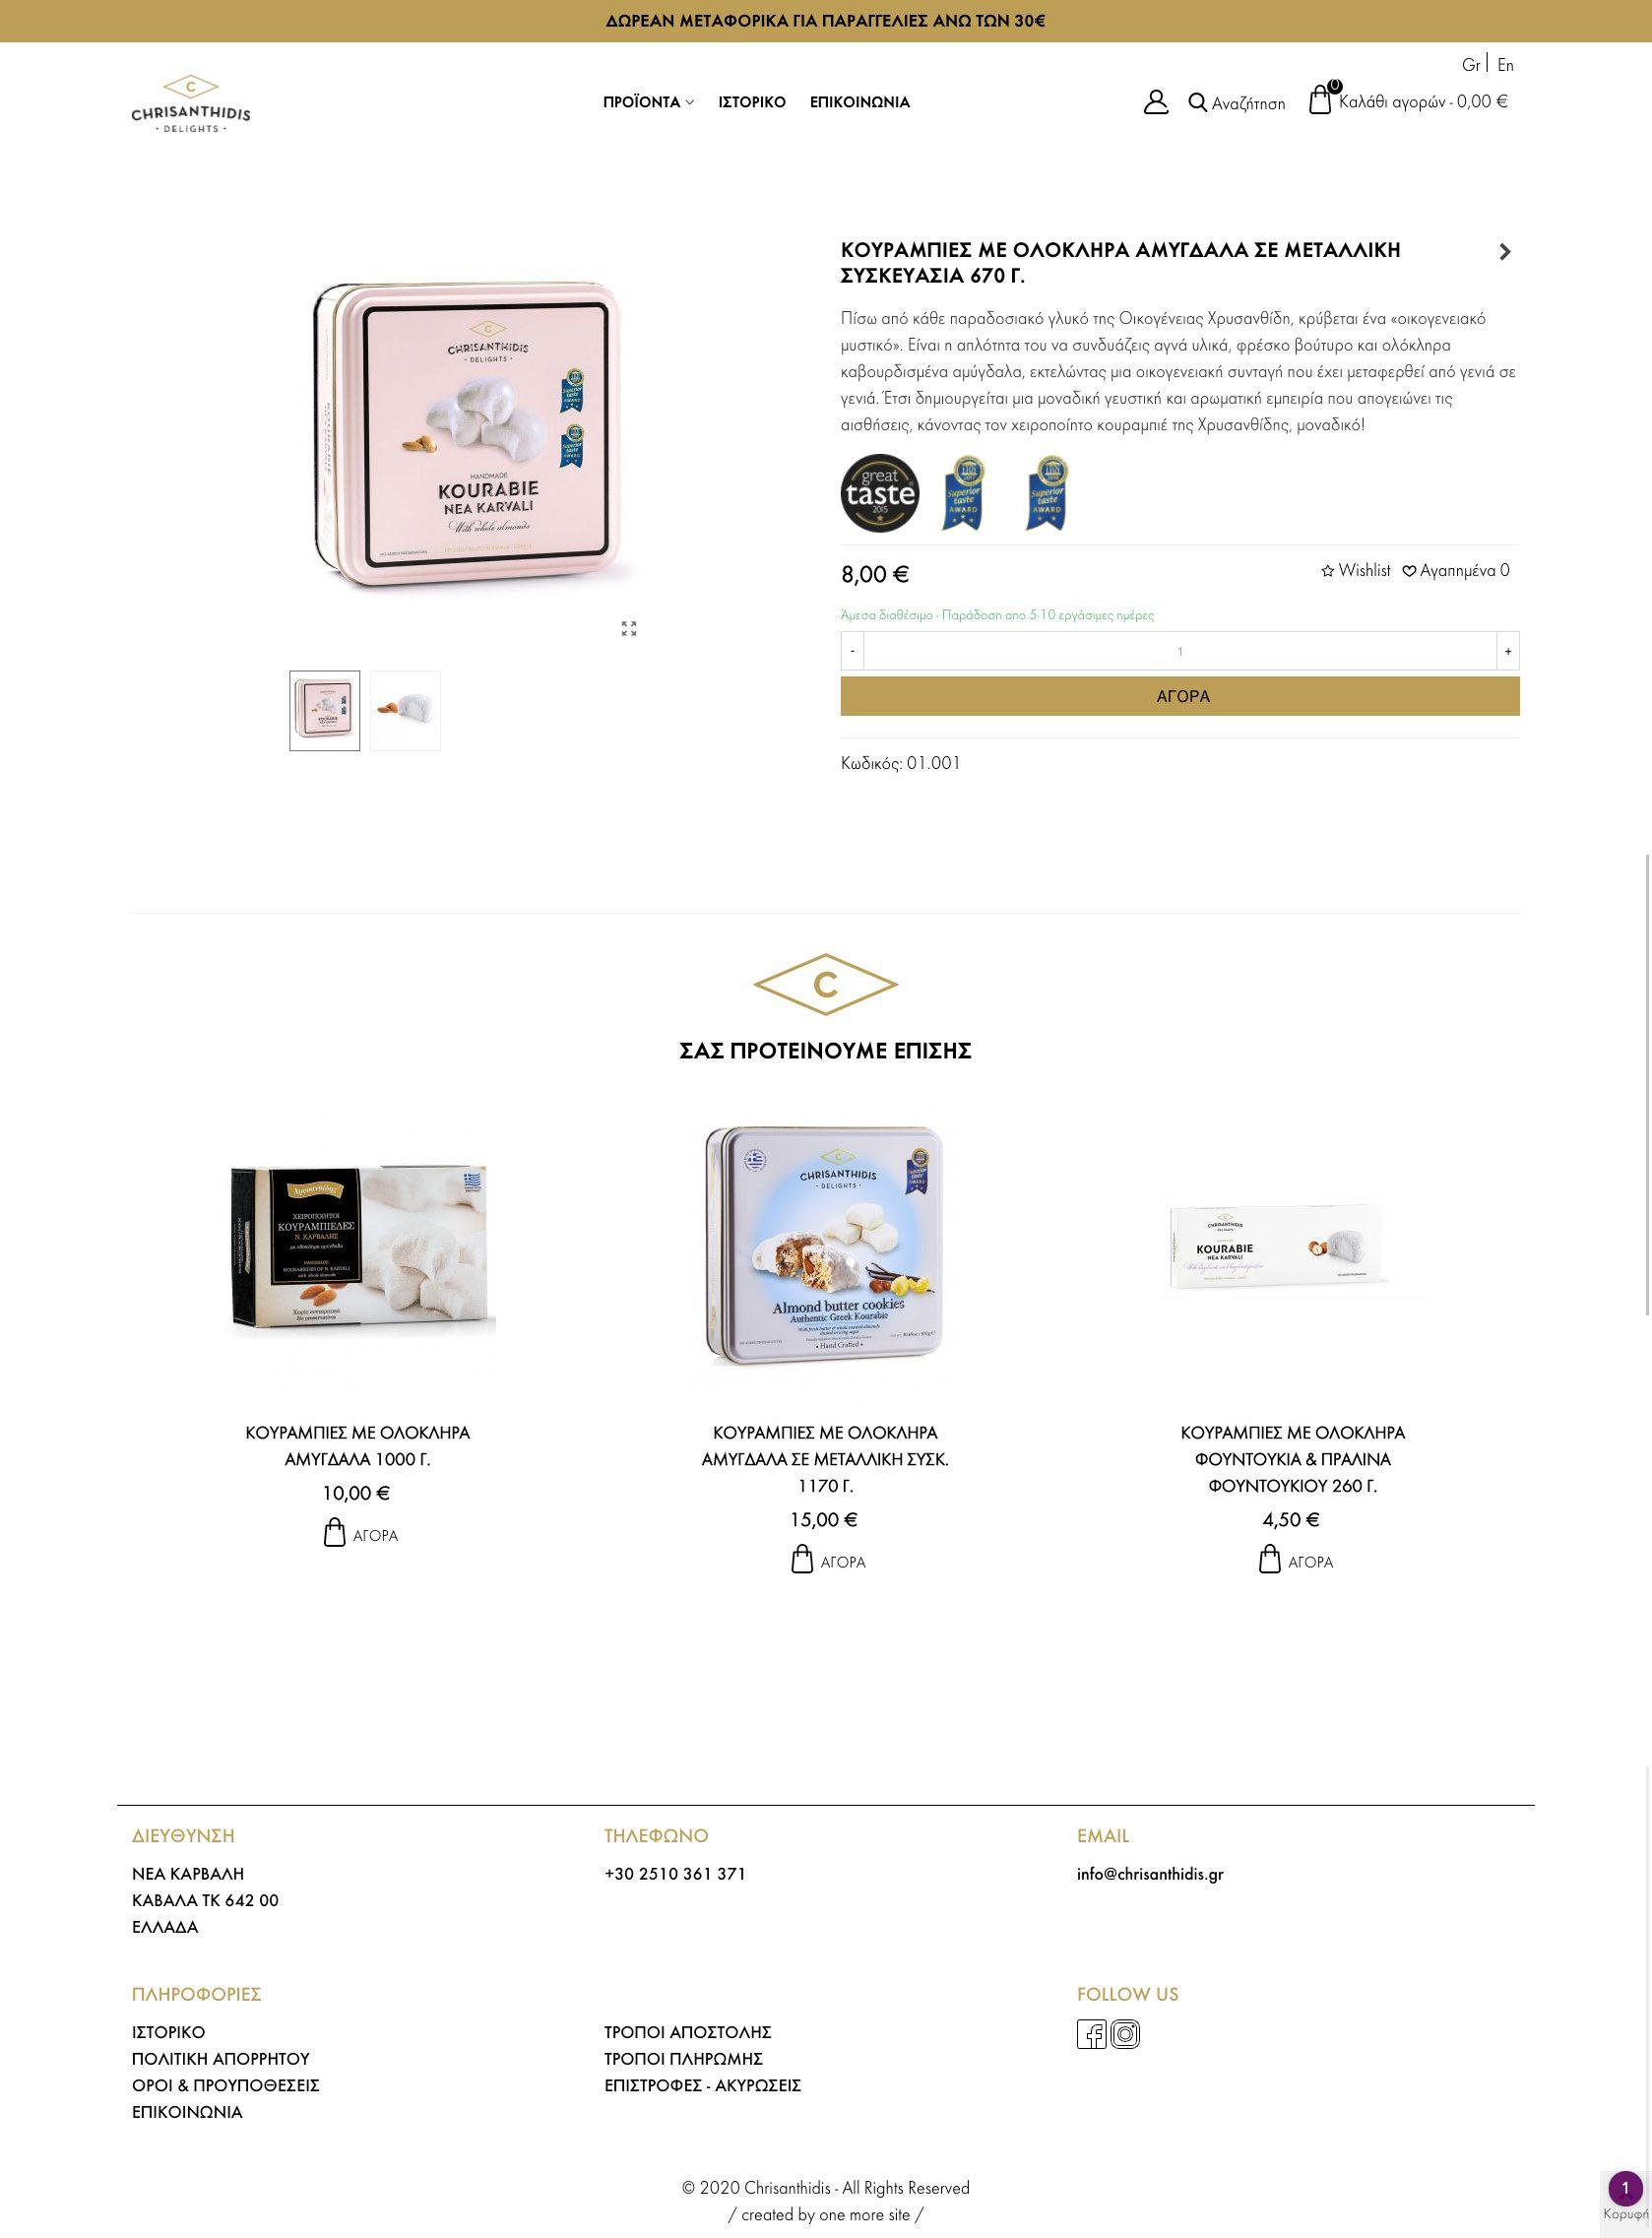 shop.chrisanthidis.gr-scr-7